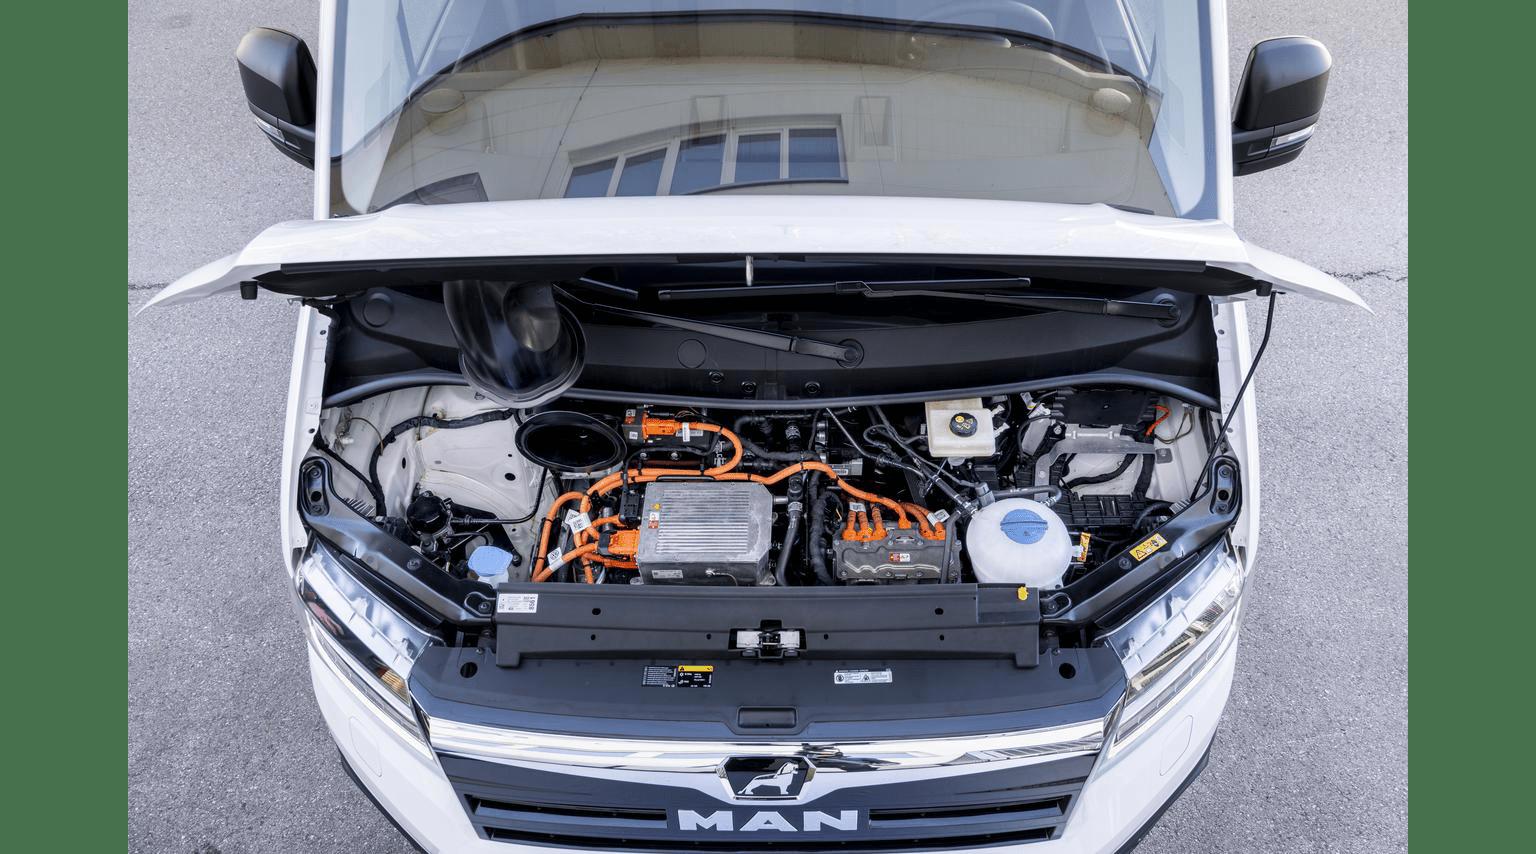 Двигатель MAN eTGE